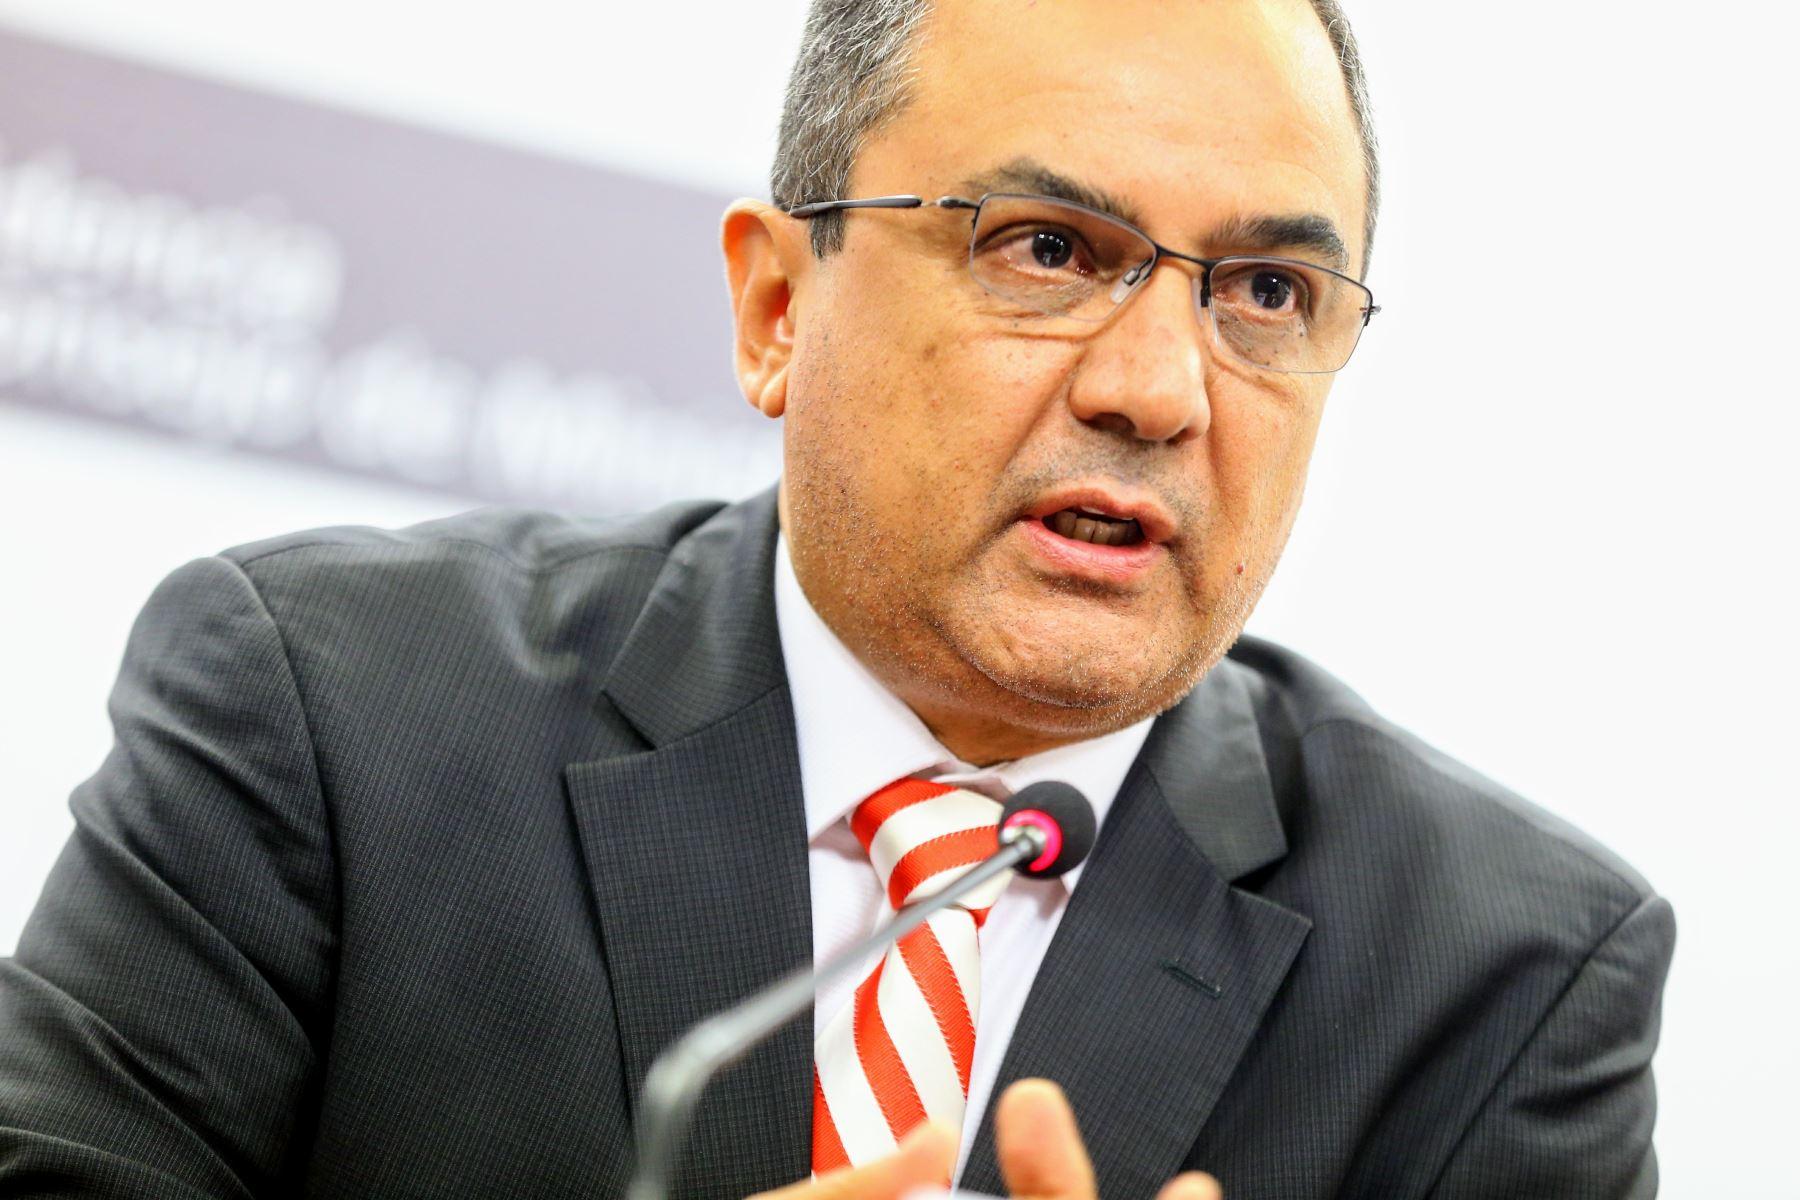 Ministro de Economía y Finanzas, Carlos Oliva. Foto: ANDINA/Luis Iparraguirre.